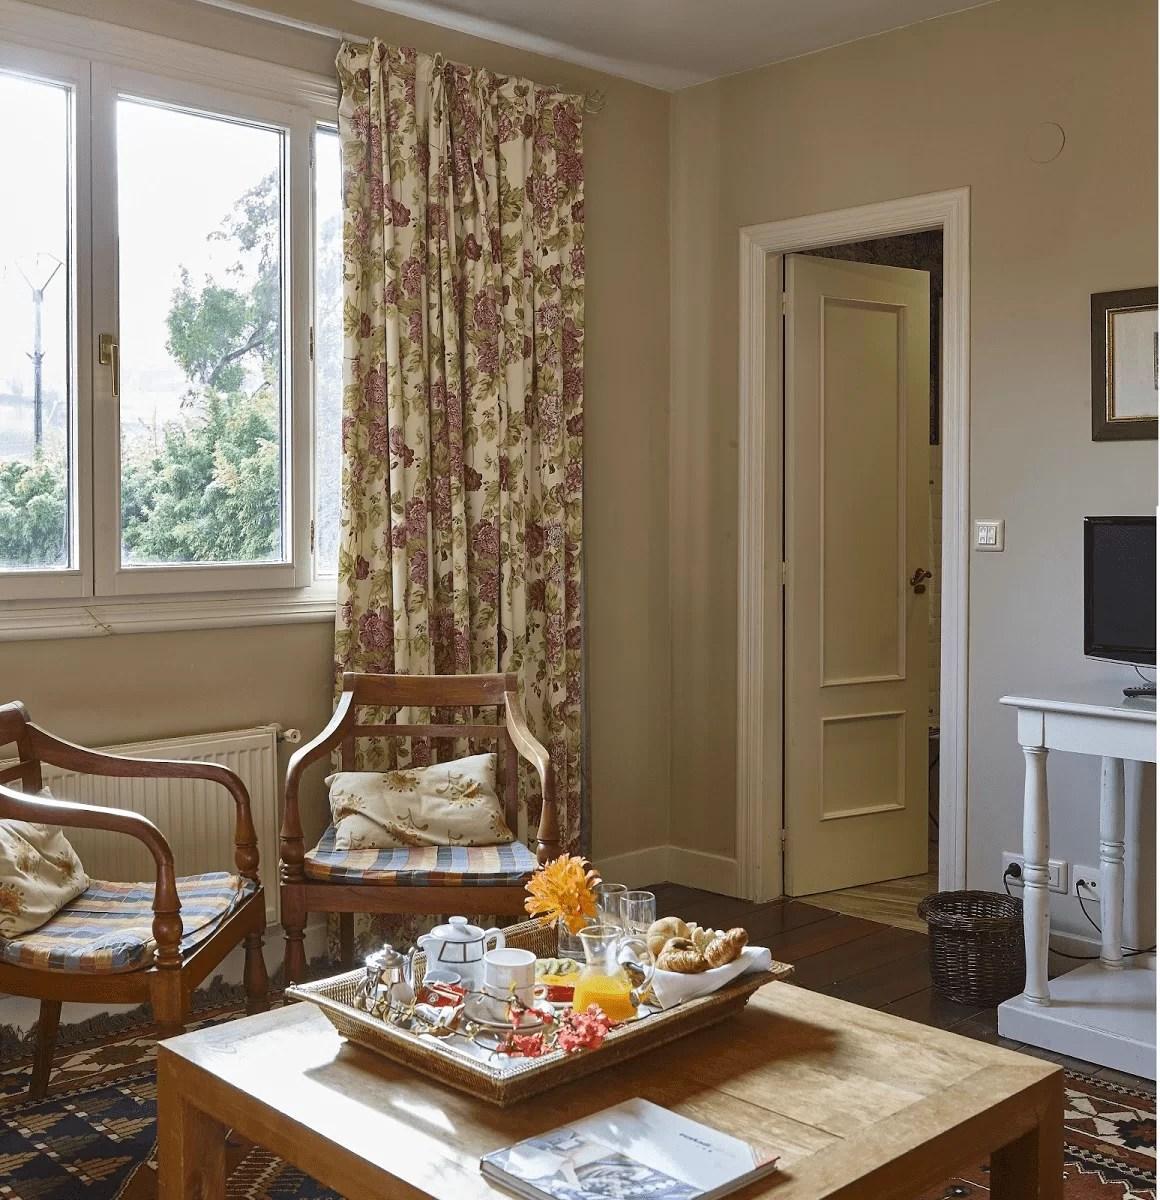 Xarma, alojamientos con encanto - Hotel Zubieta, habitación familiar